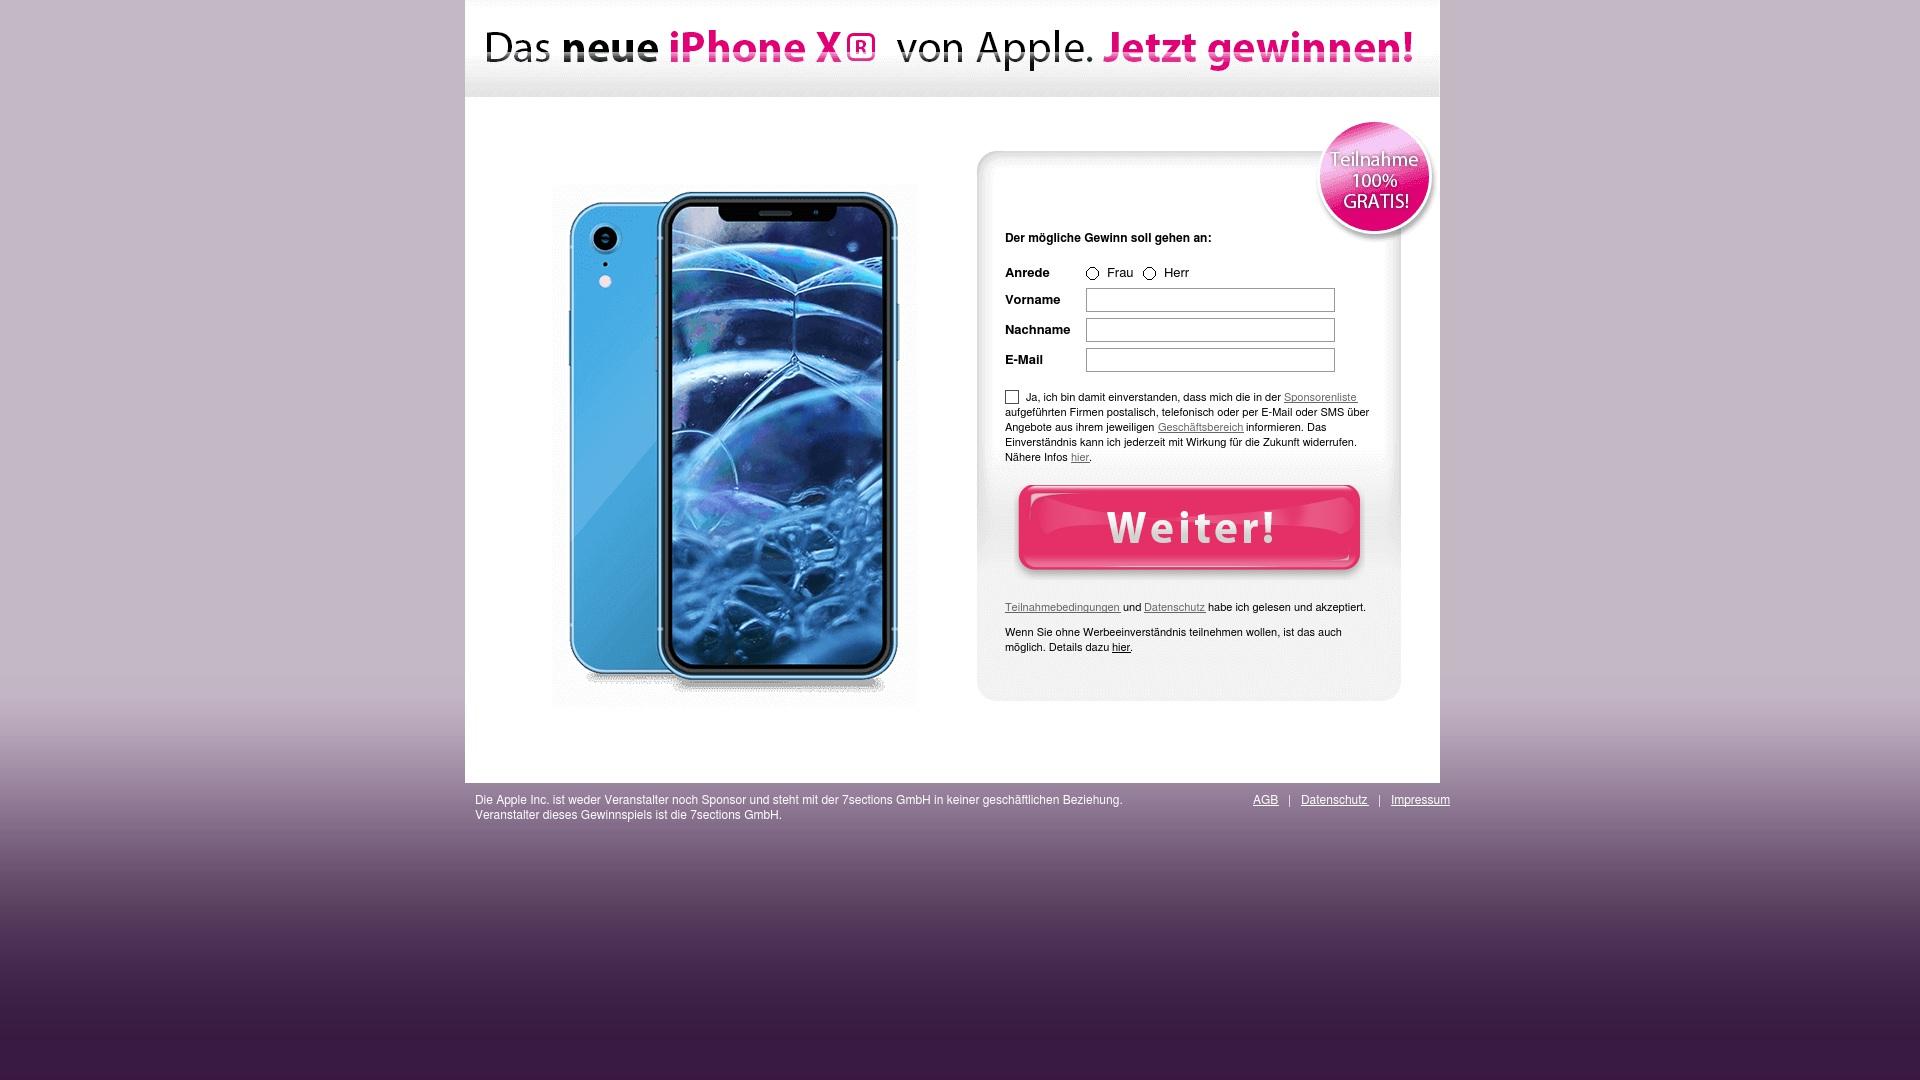 Gutschein für Smartphone-gewinner: Rabatte für  Smartphone-gewinner sichern